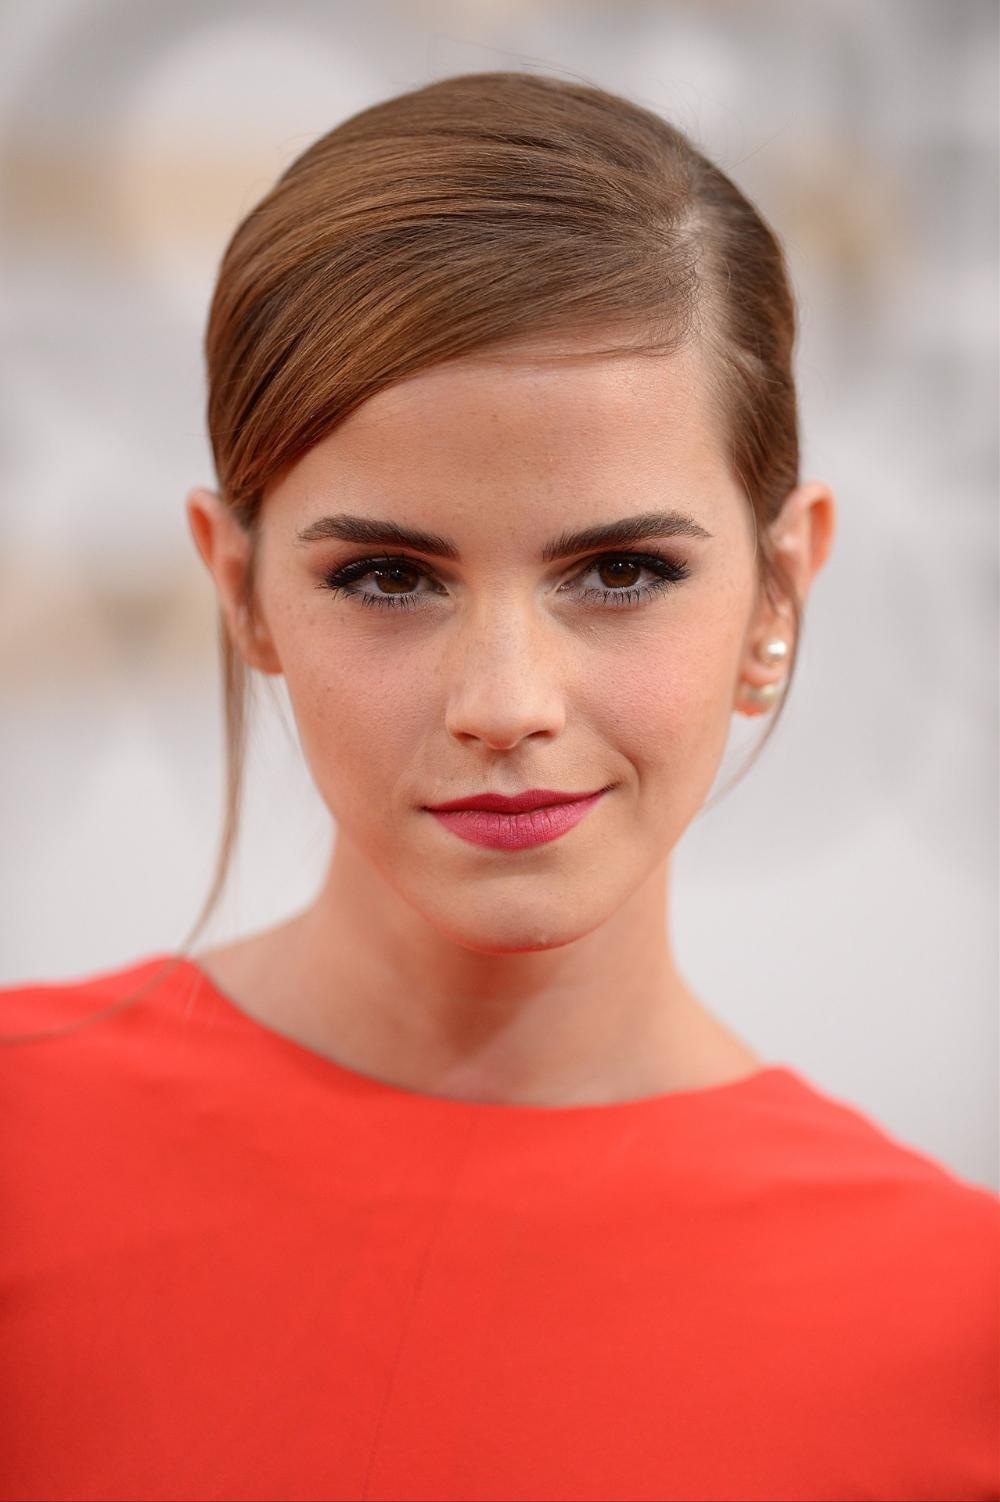 The Wonderful Watson Emma watson beautiful, Emma watson